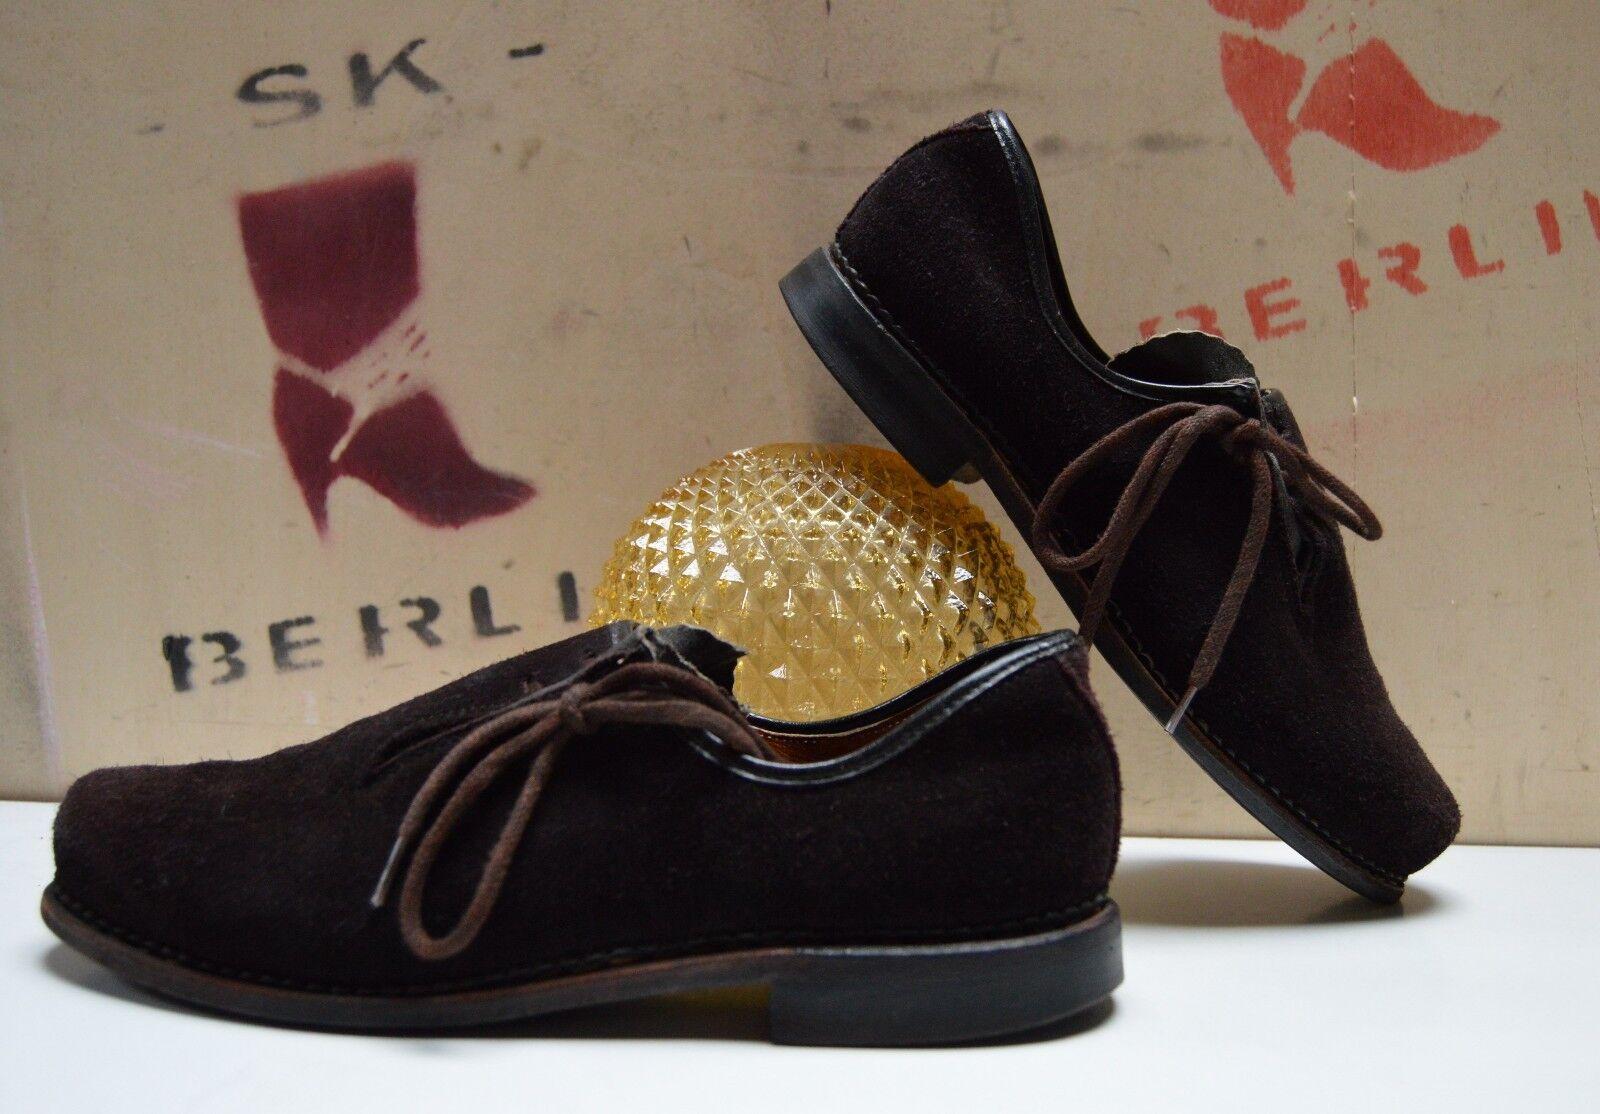 Antik caballero zapatillas Trachten zapato zapato zapato bajo True vintage folklore marrón marrón loafer  ¡No dudes! ¡Compra ahora!